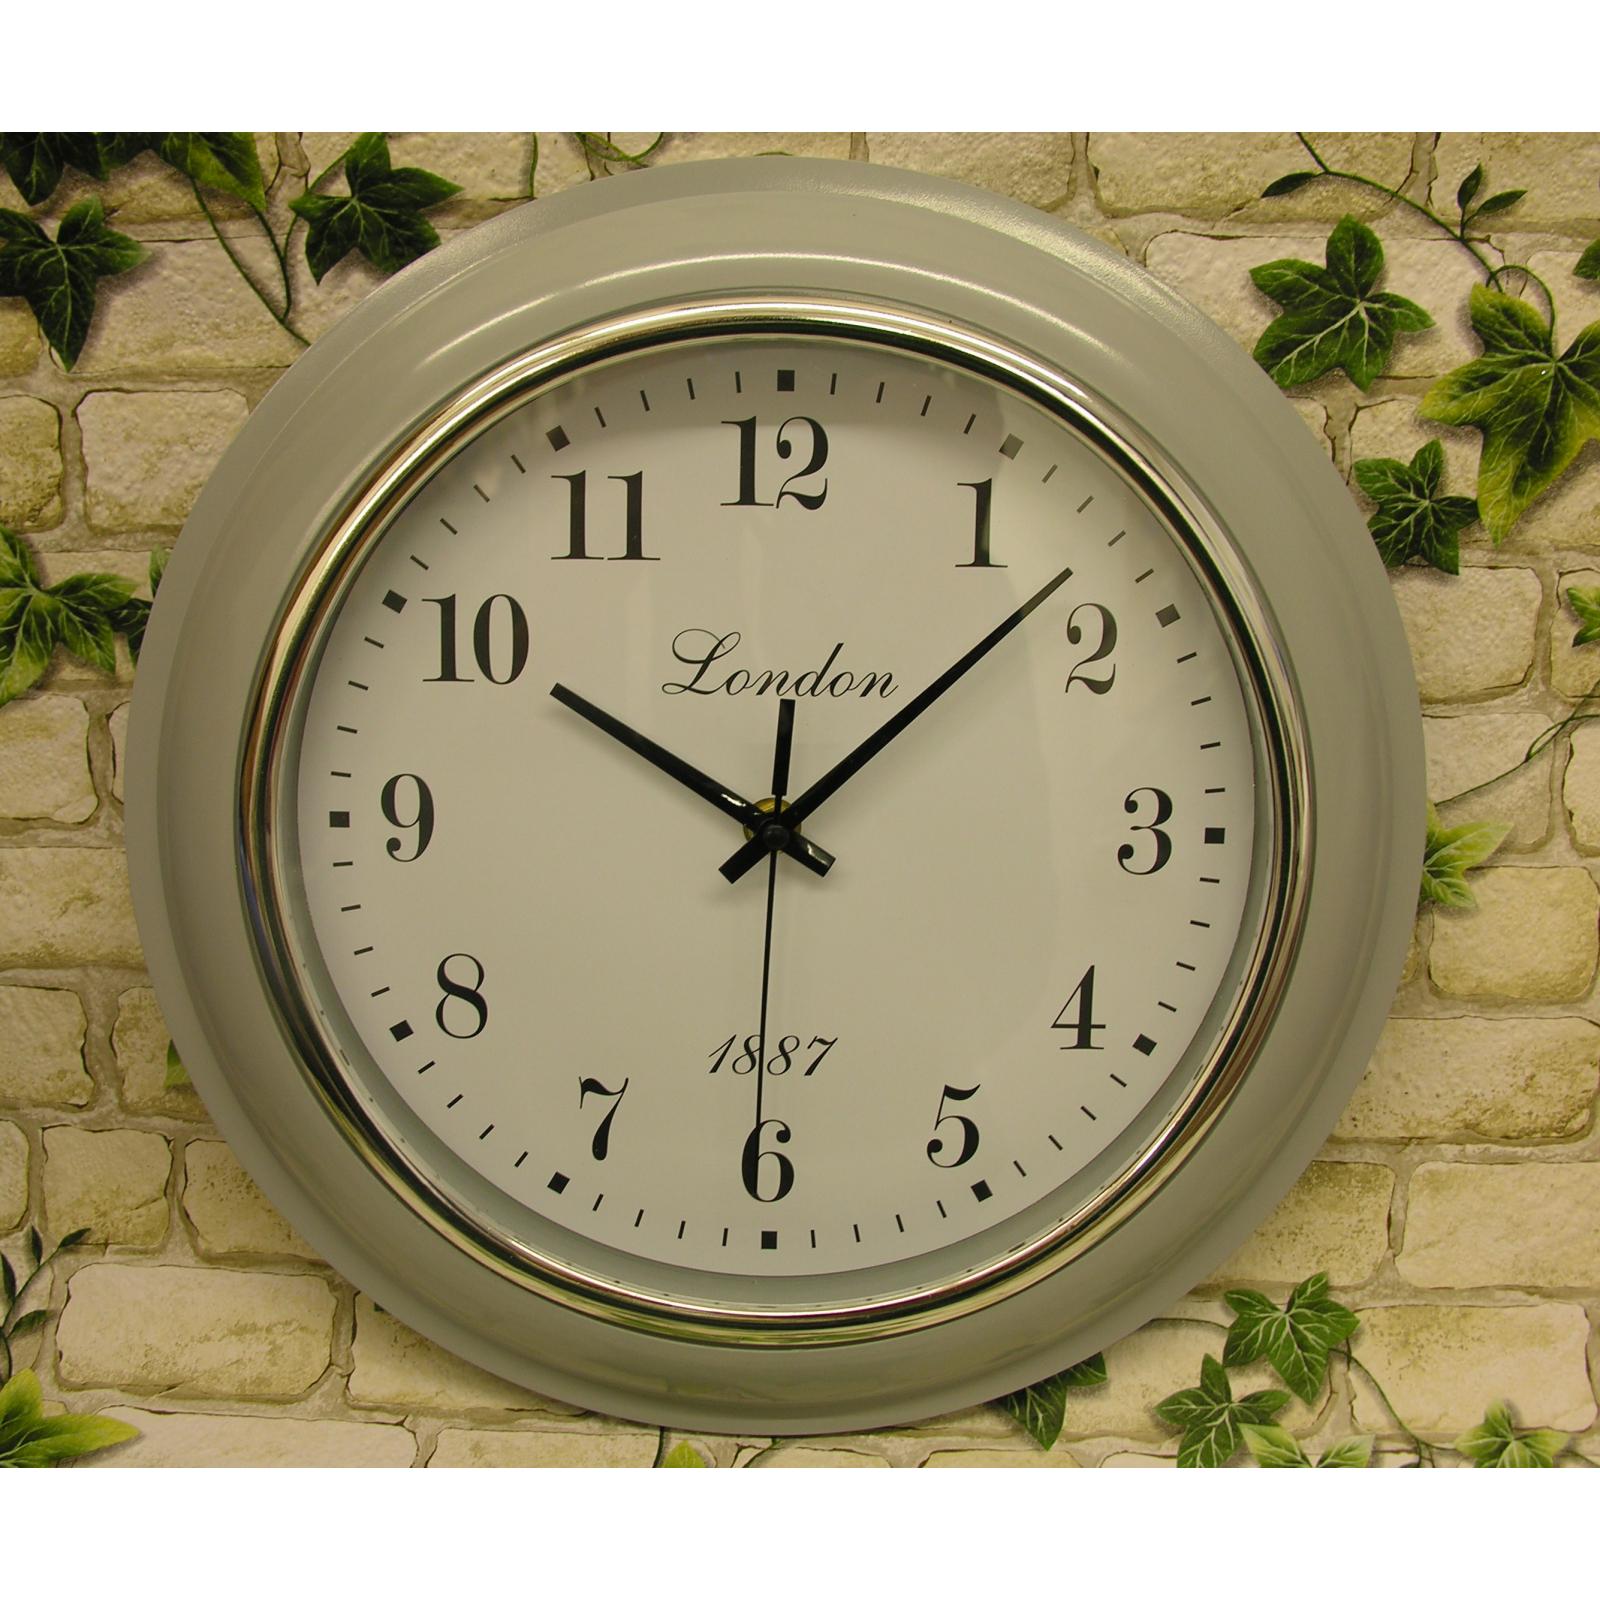 Reloj de pared london gris 32cm estaci n tren b ro uhr - Reloj cocina diseno ...